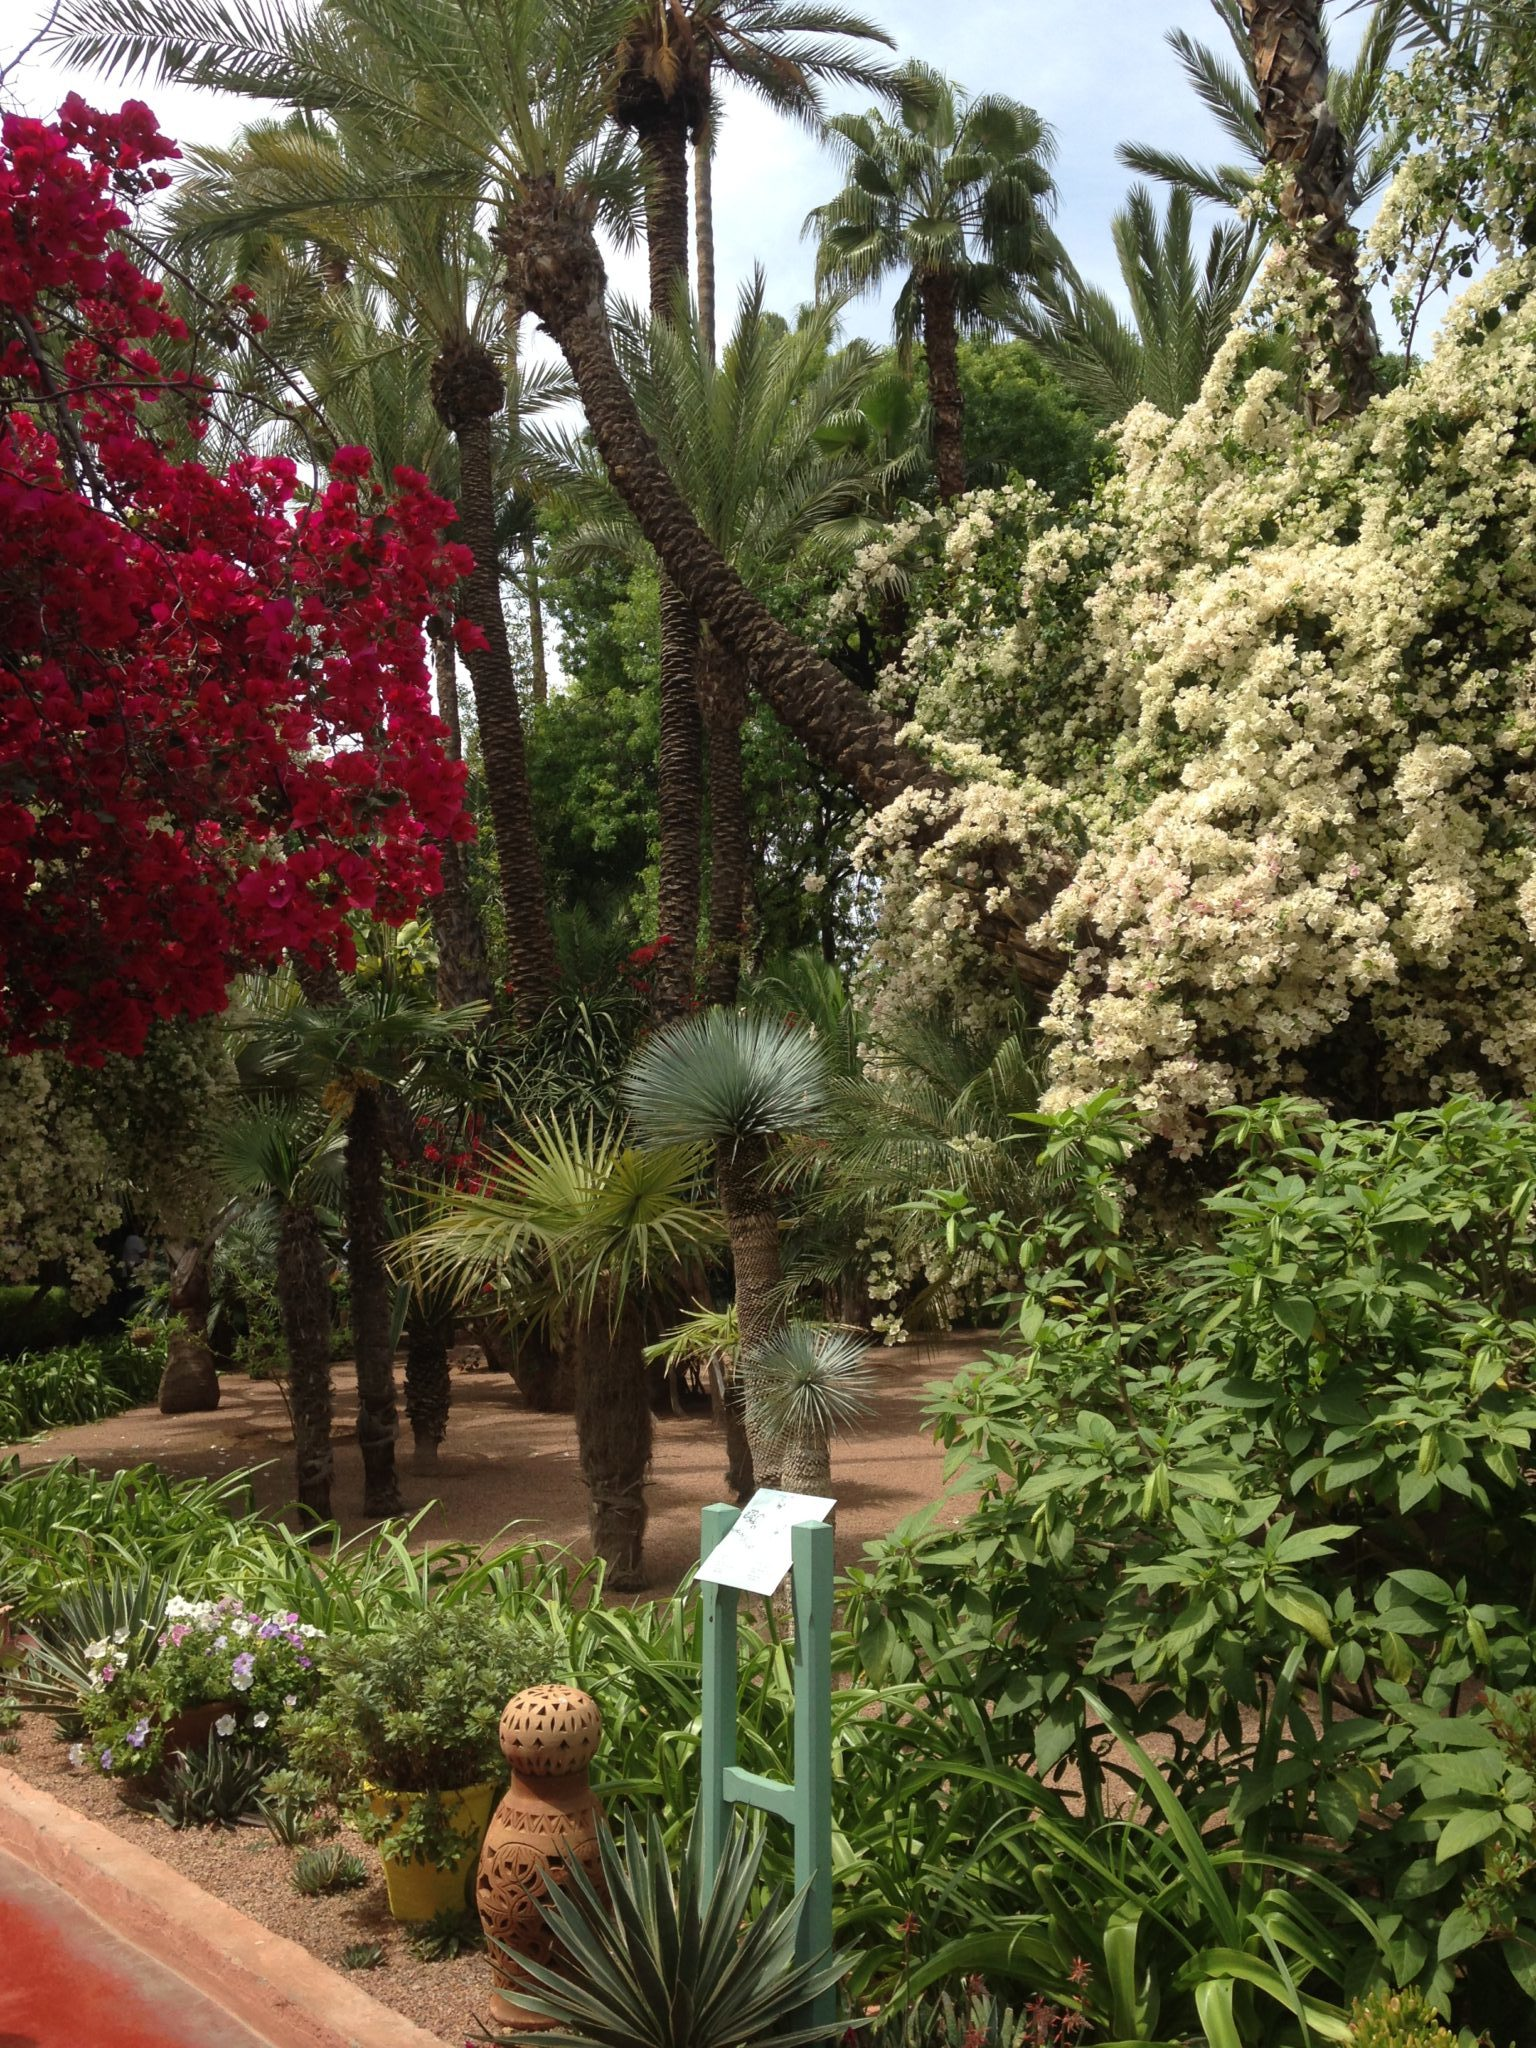 Une végétation dense et luxuriante